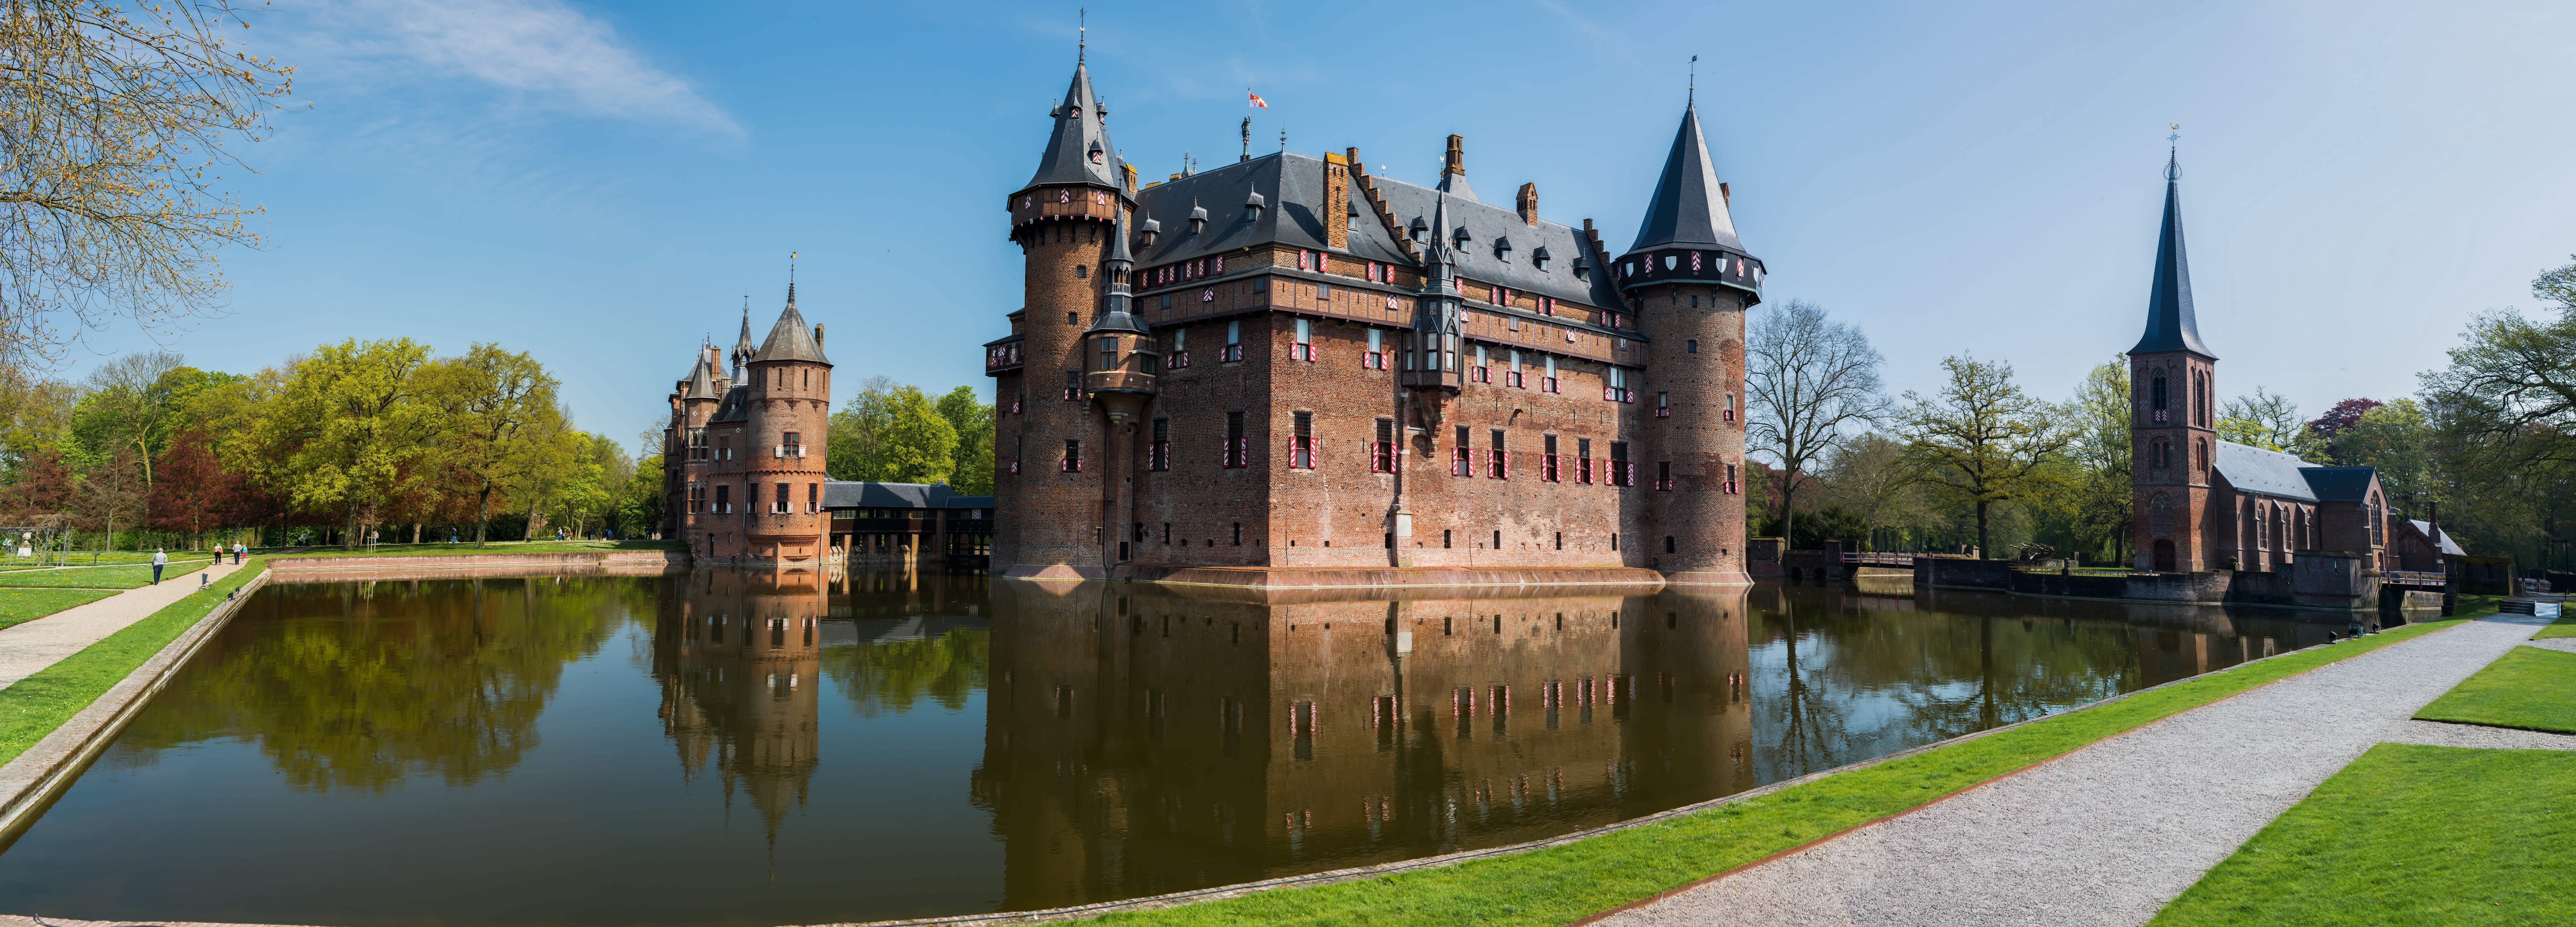 Обои нидерланды, замок, утрехт. Города foto 18